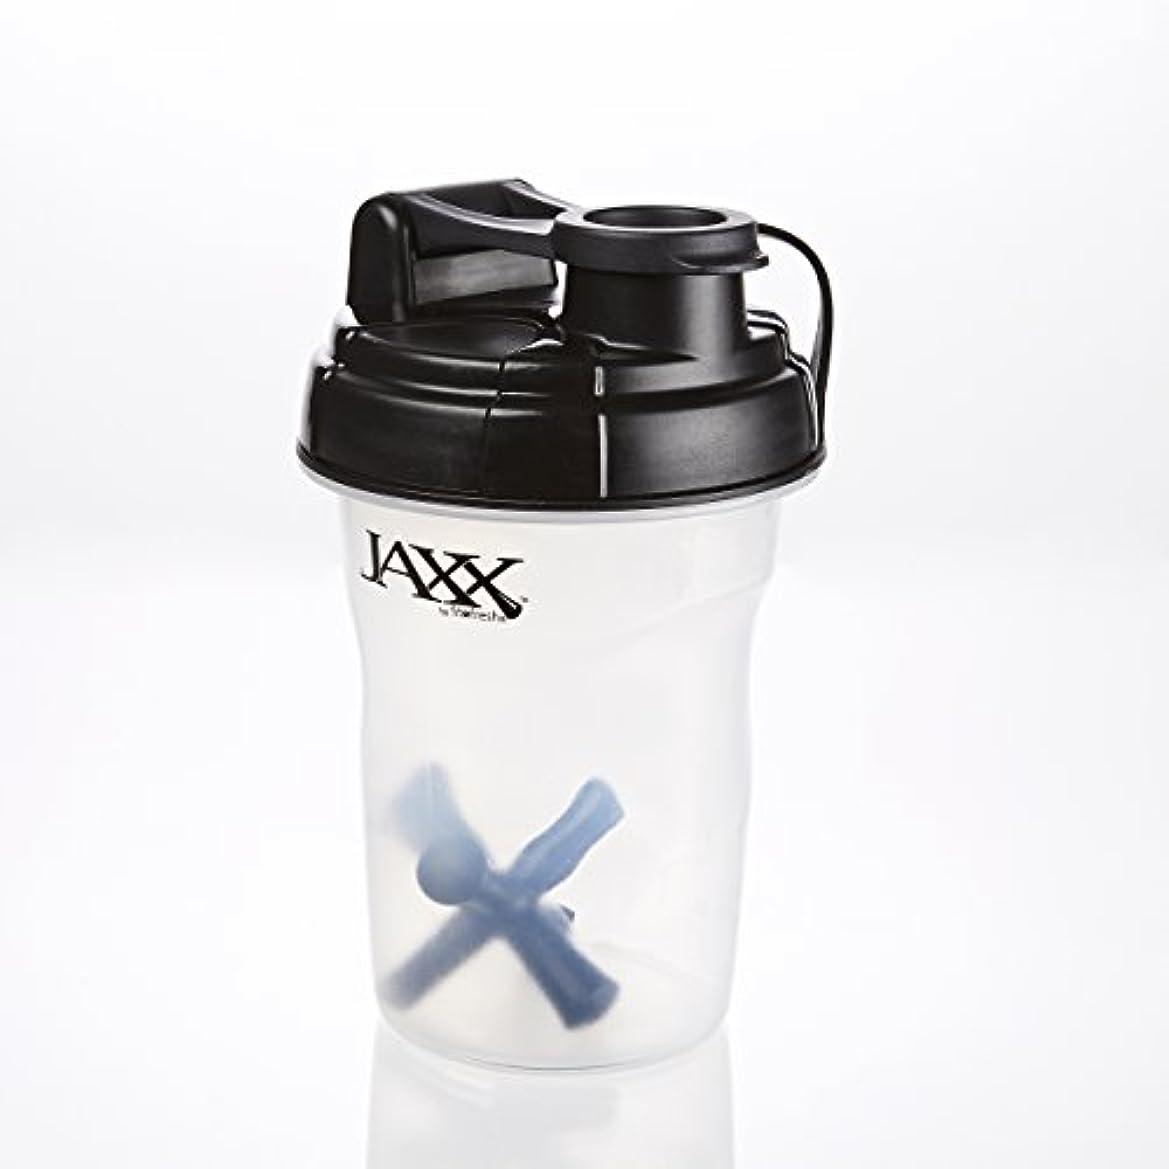 作家パトワトリム海外直送品Jaxx Shaker Assorted Colors, 20 oz by Fit & Fresh